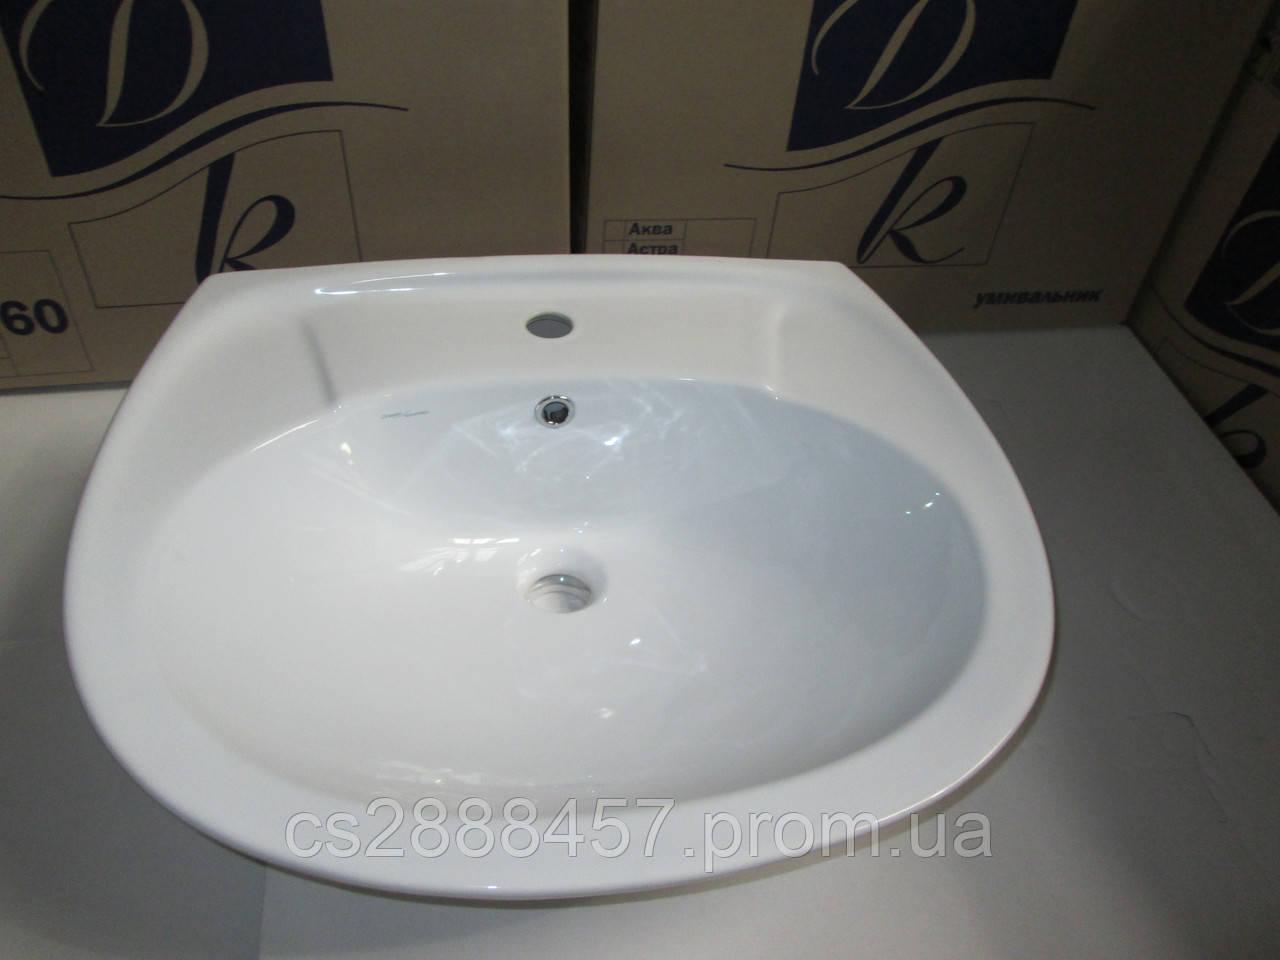 Умывальник для ванной комнаты Астра 60 Сорт 1